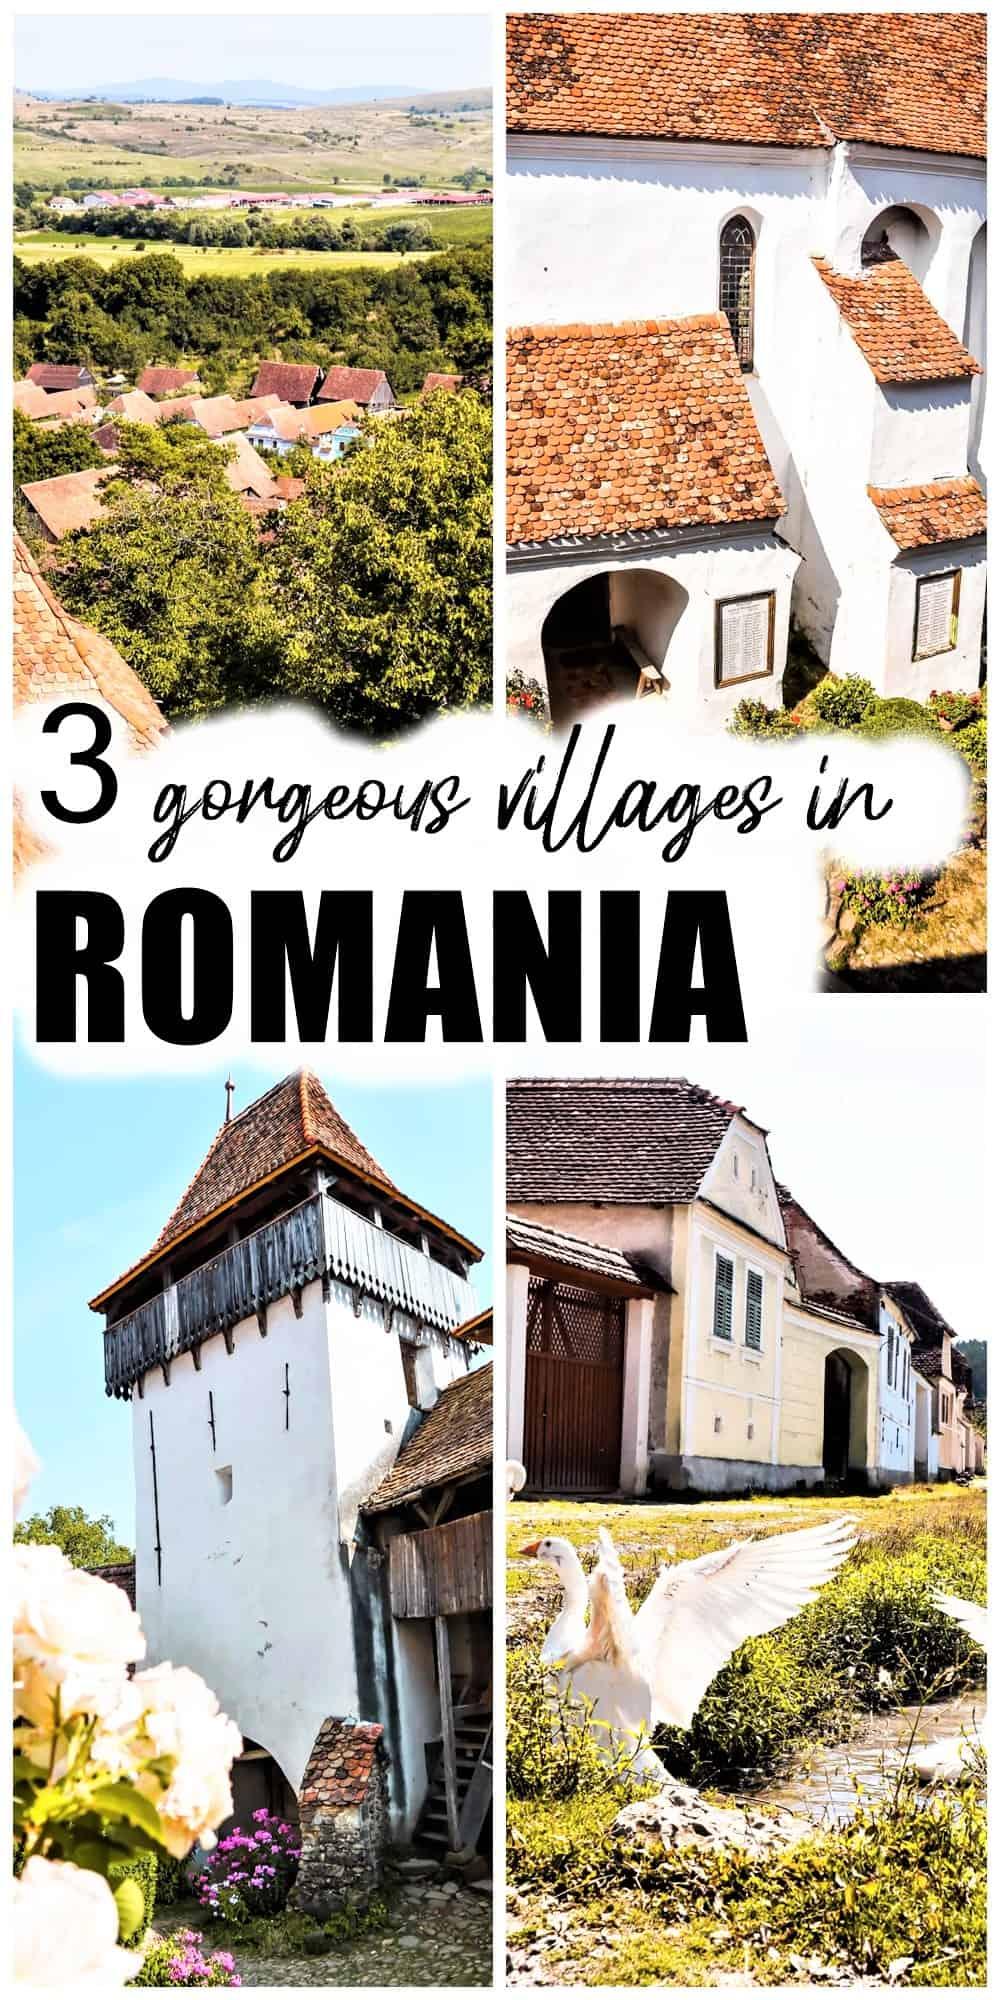 3 must-see villages in Transylvania, Romania | beautiful villages in Romania | best places to visit in Romania | best things to do in Romania | rural Romania | Biertan Village | Viscri Village | Rimetea Village